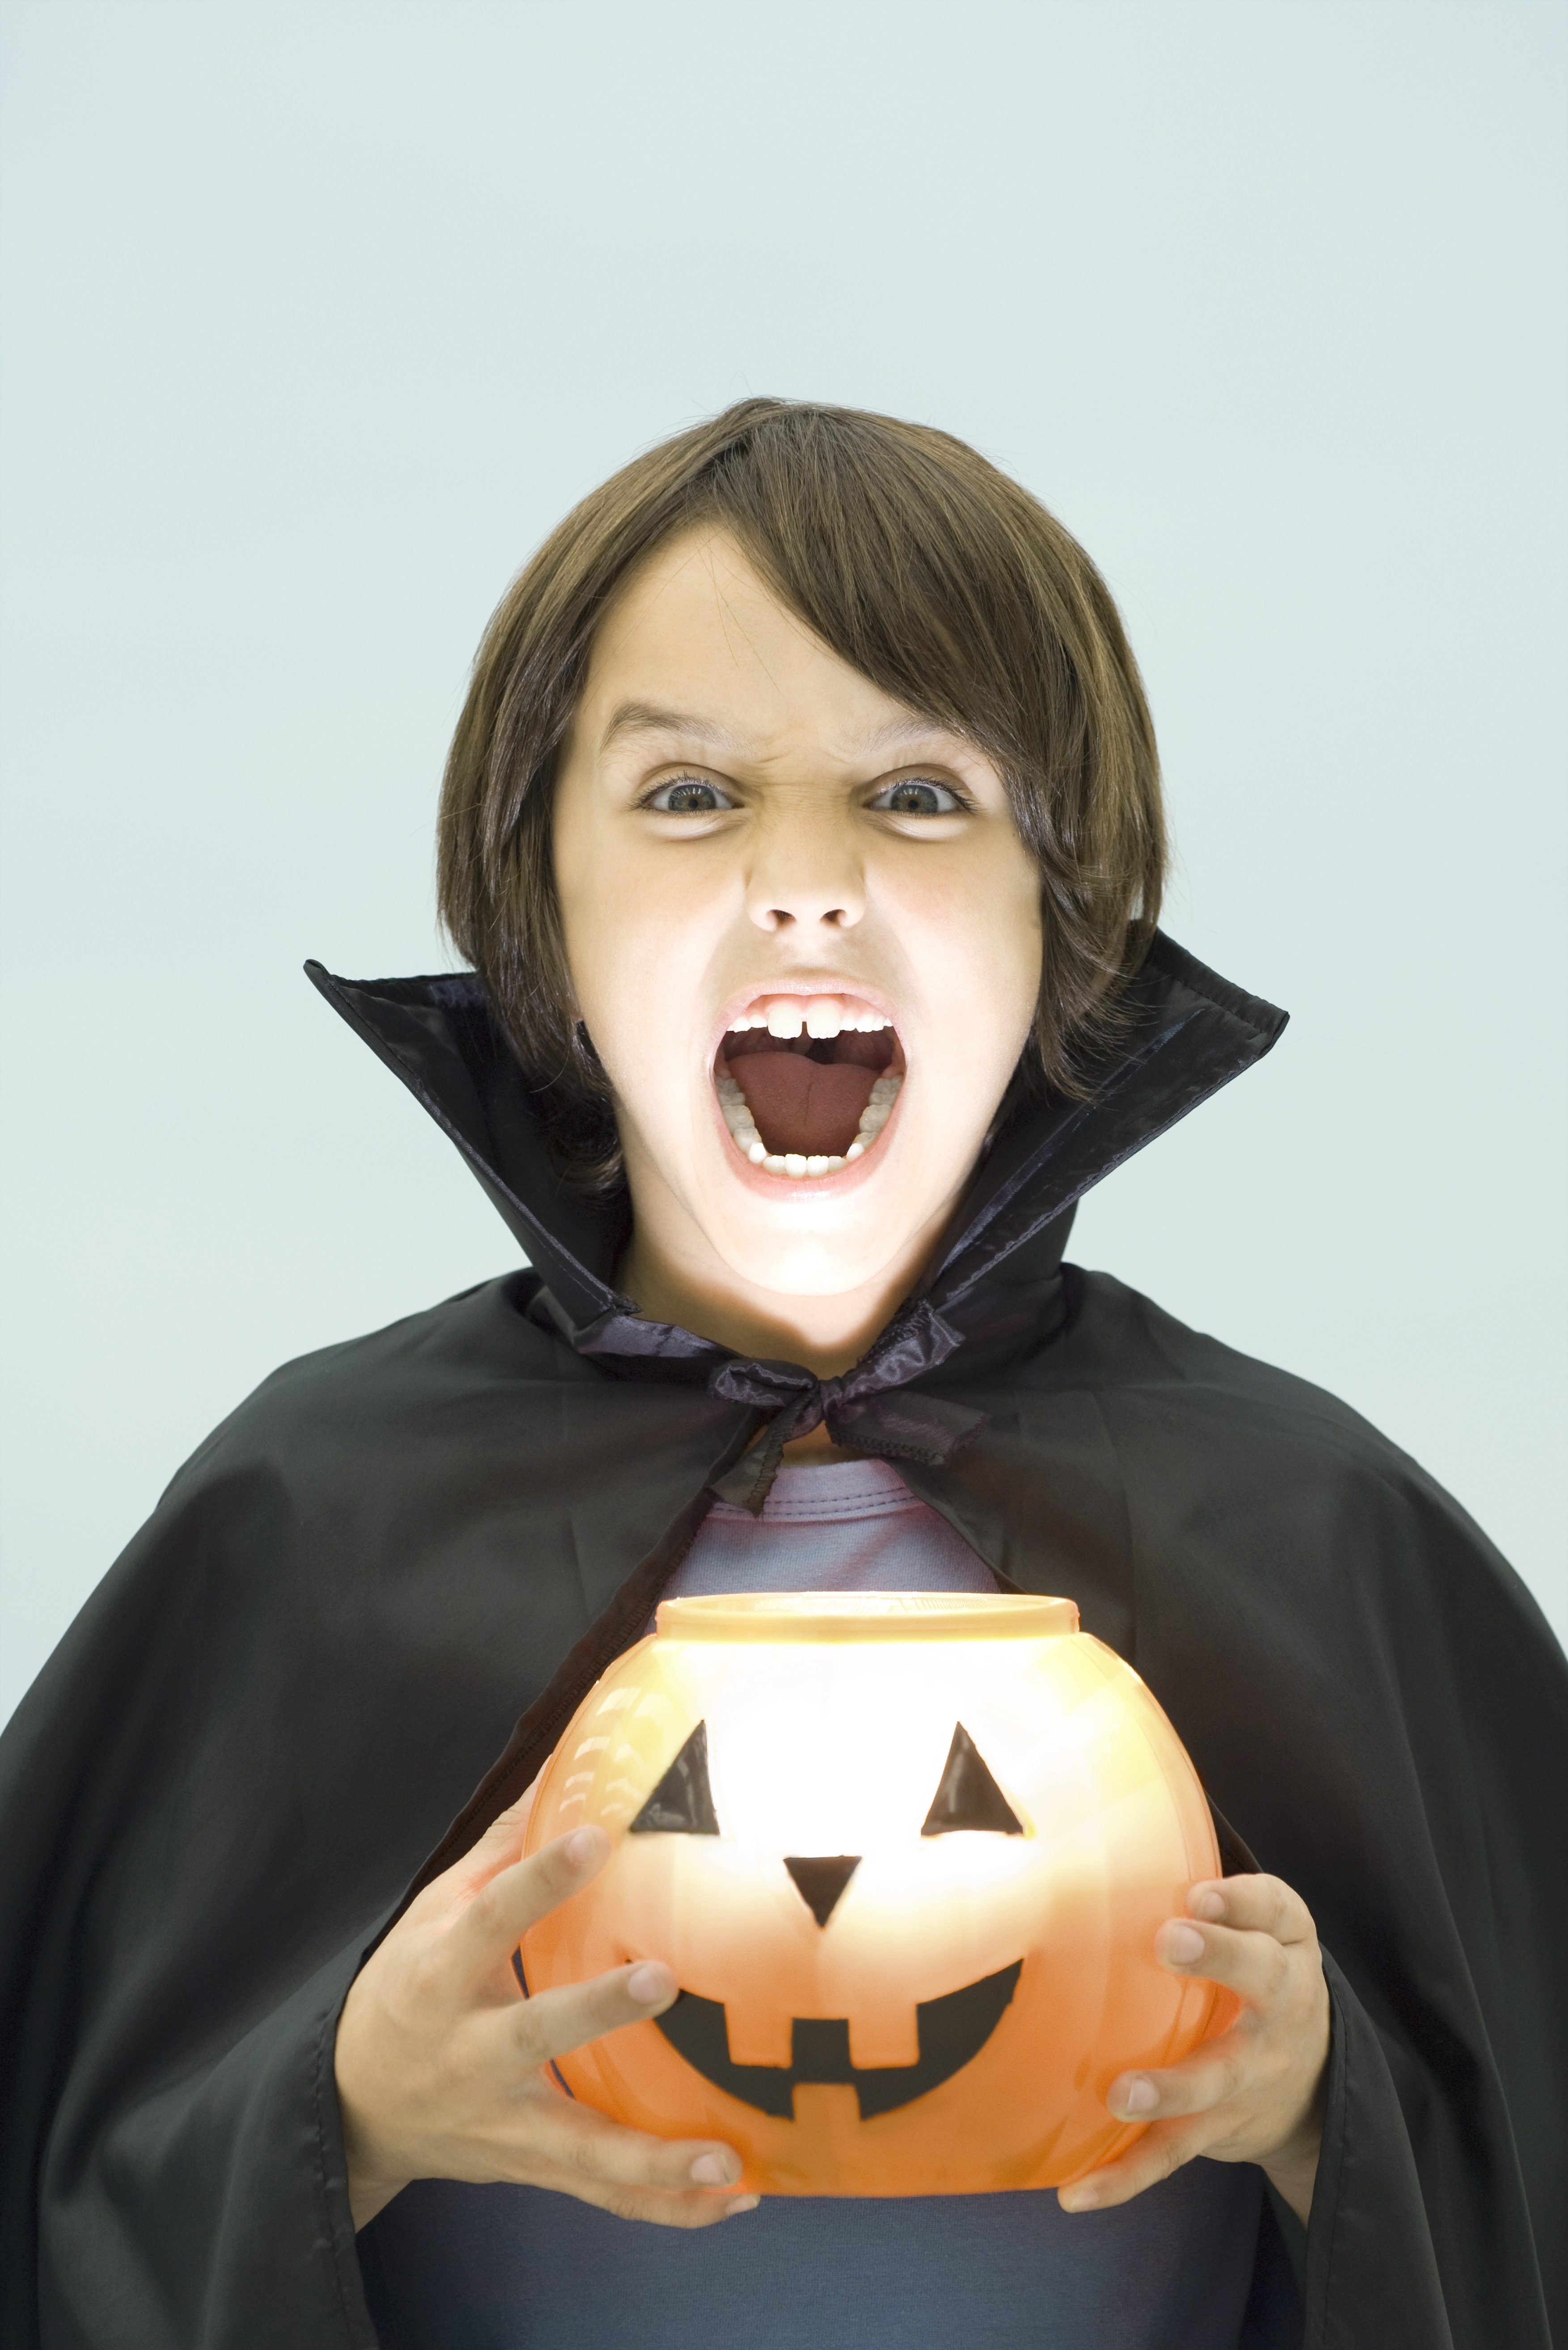 Halloween hoe schmink je een kind als spiderman peuter 2 jr 9 12 mnd zappy ouders - Schilderen kind jongen ...